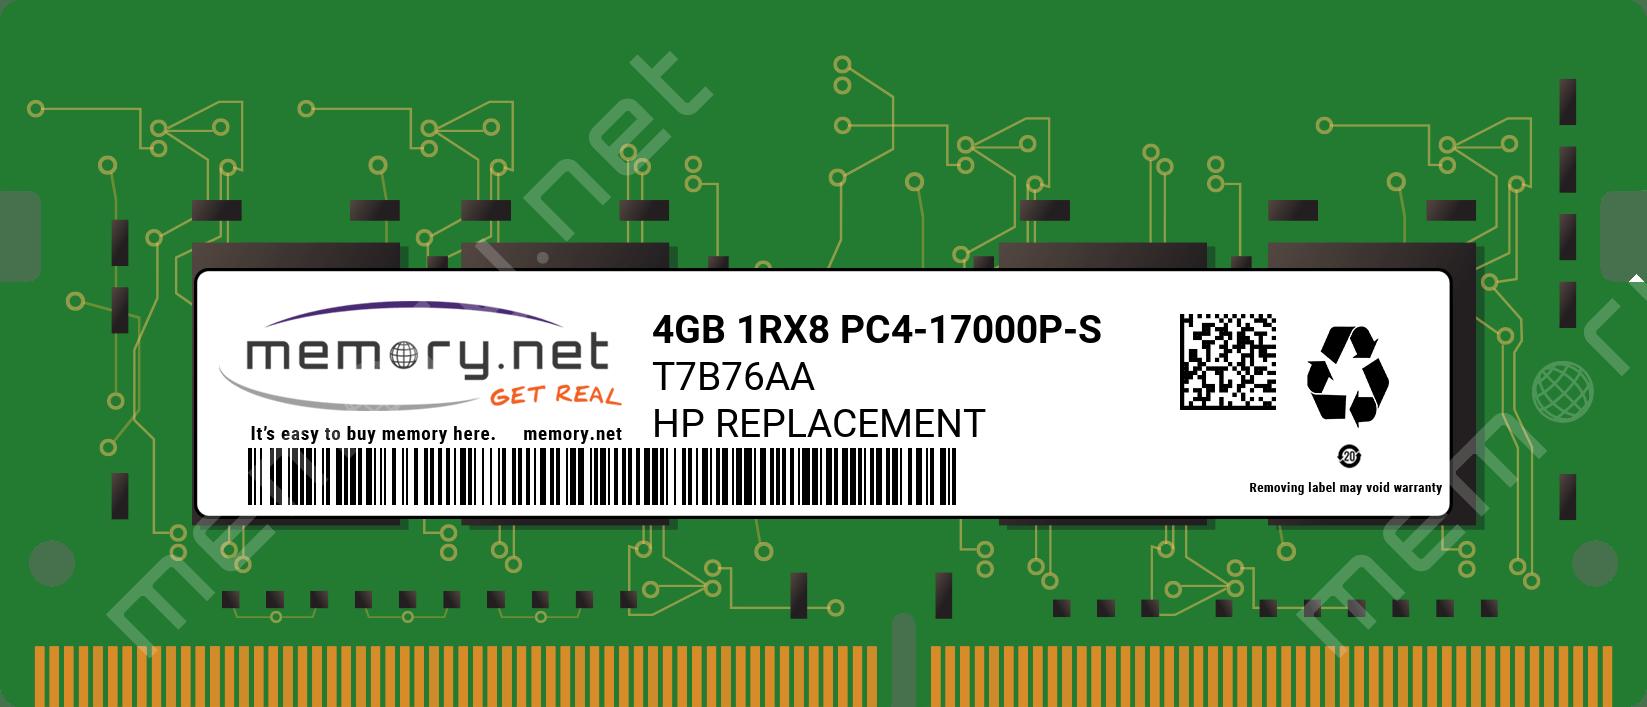 T7B76AA